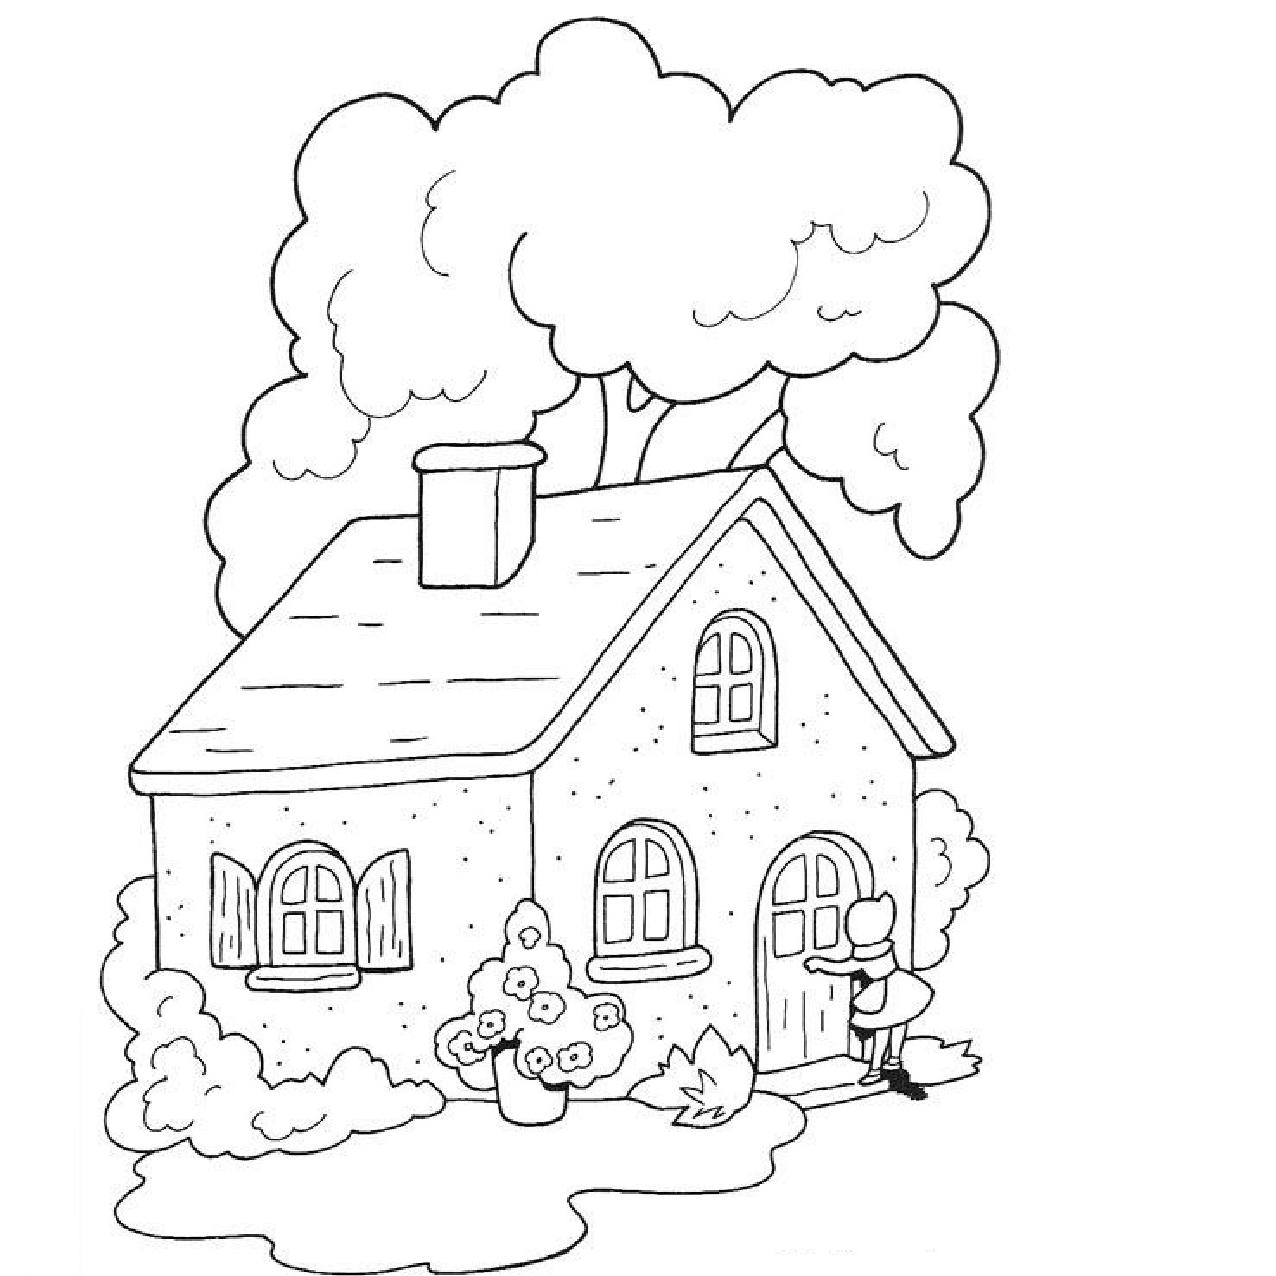 Картинка для раскраски домик в деревне